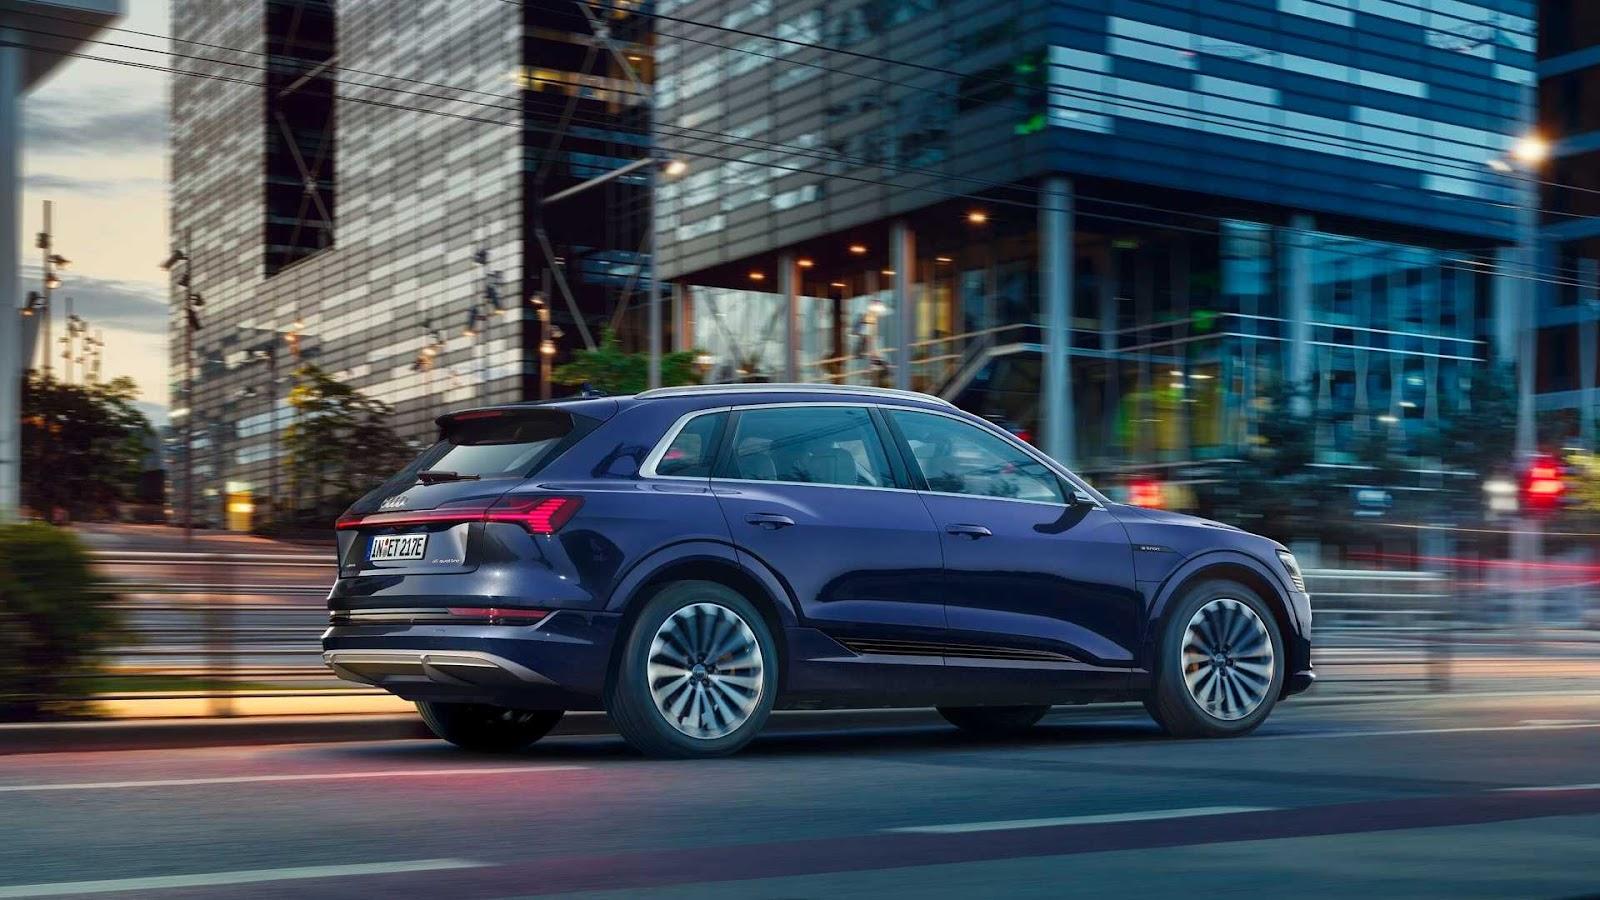 Audi e-tron foi o carro elétrico mais vendido no Brasil em 2020 (Imagem: Audi/Divulgação)